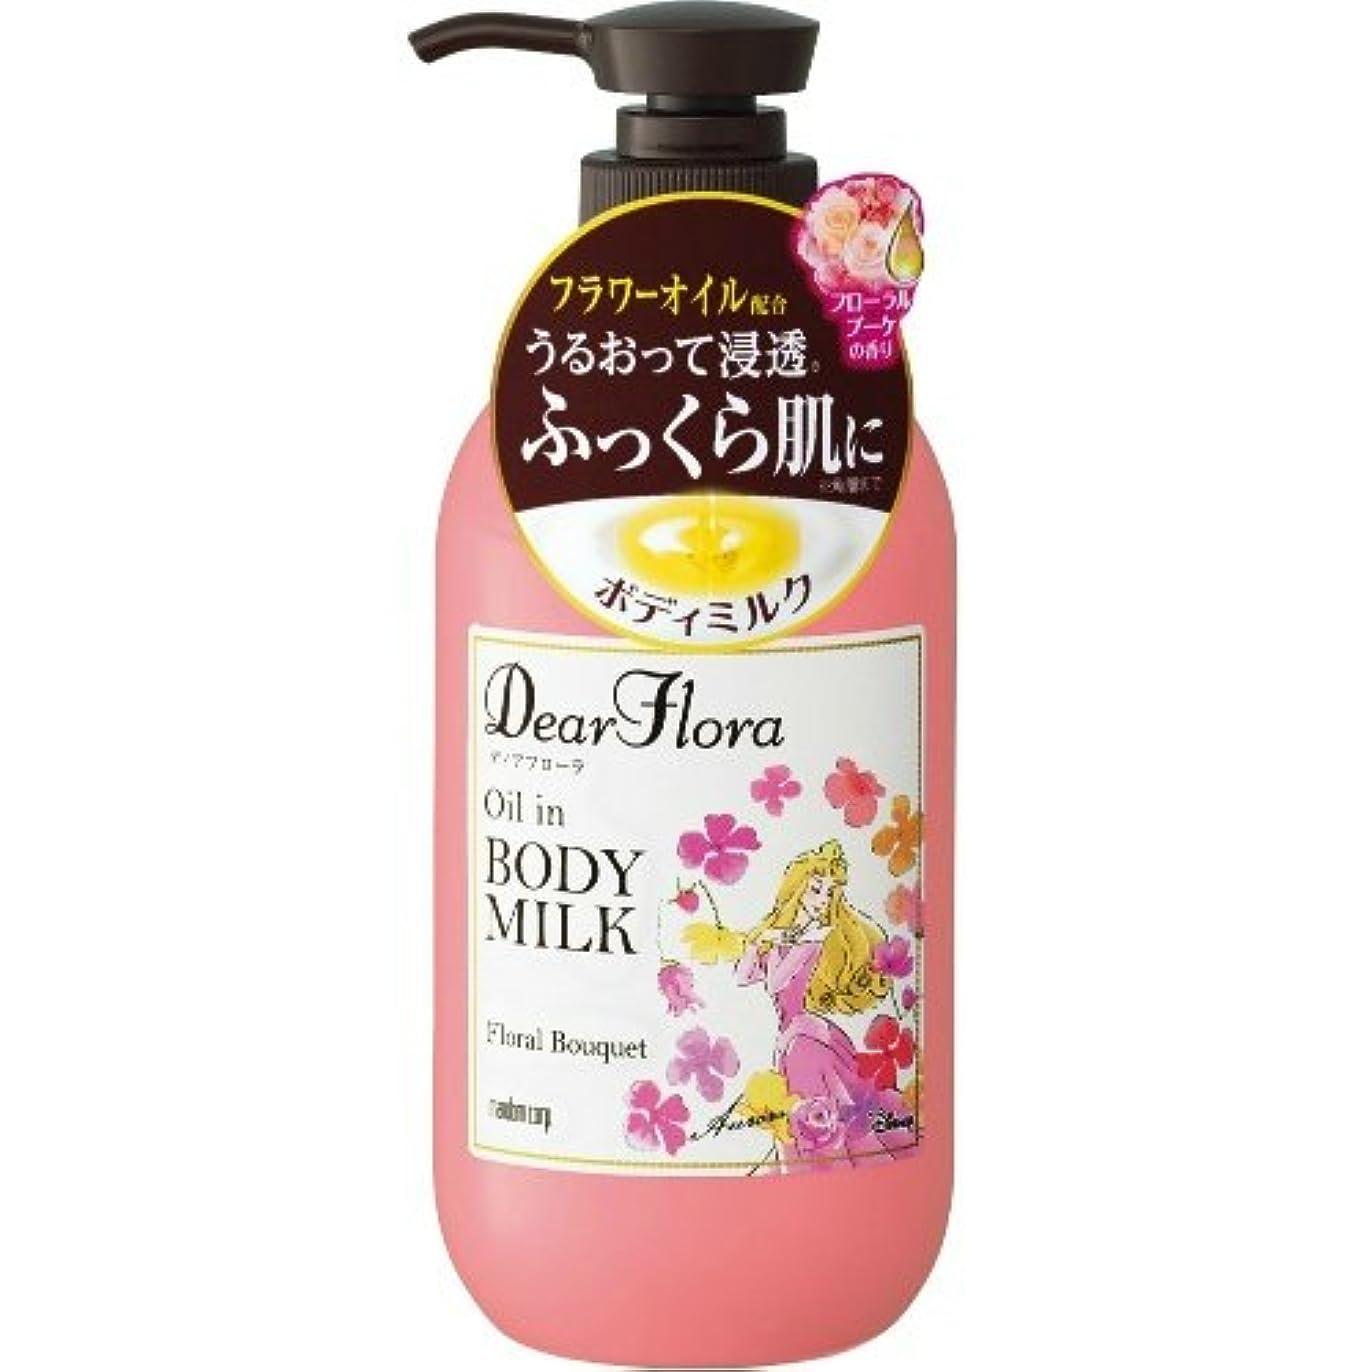 むき出し徹底的に活発MANDOM マンダム ディアフローラ オイルインボディミルク フローラルブーケの香り 240ml ×024点セット(4902806105414)